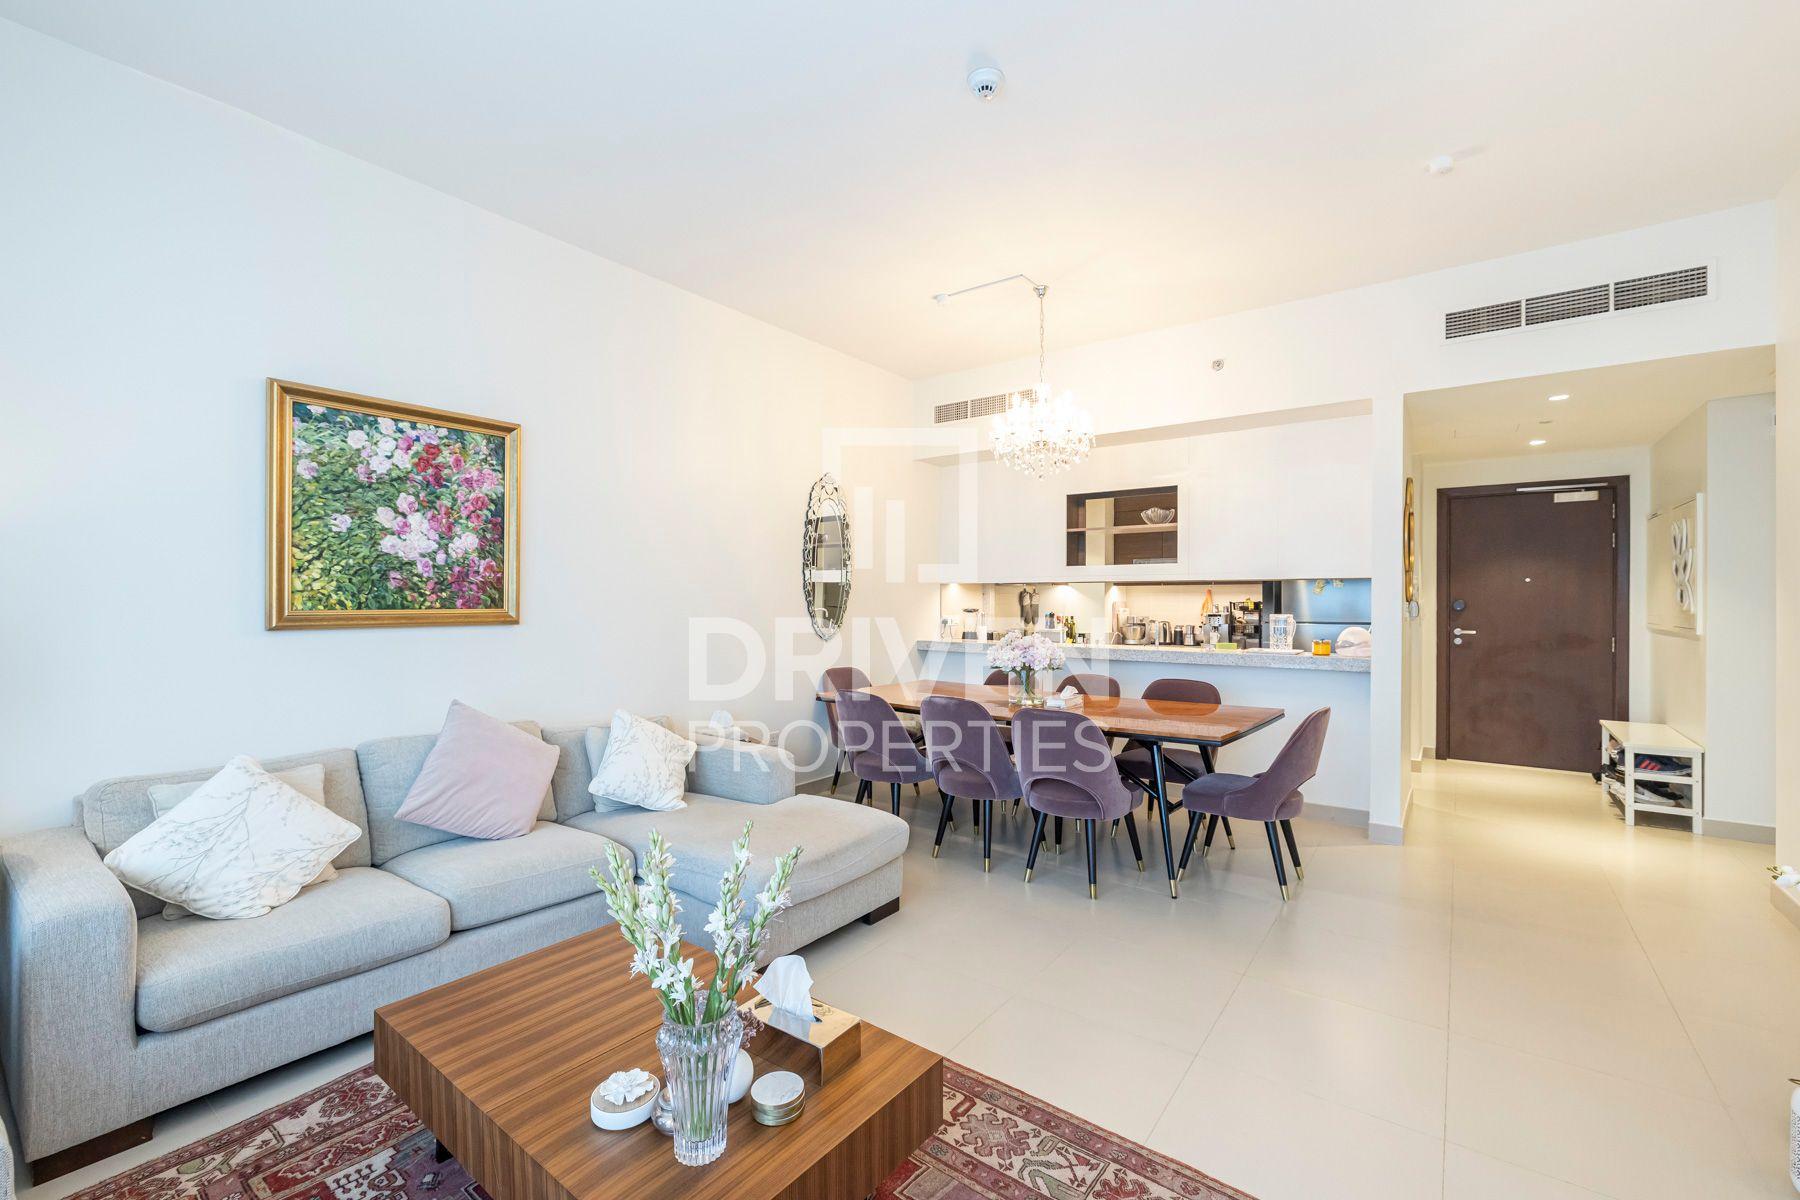 1,318 قدم مربع  شقة - للبيع - دبي هيلز استيت